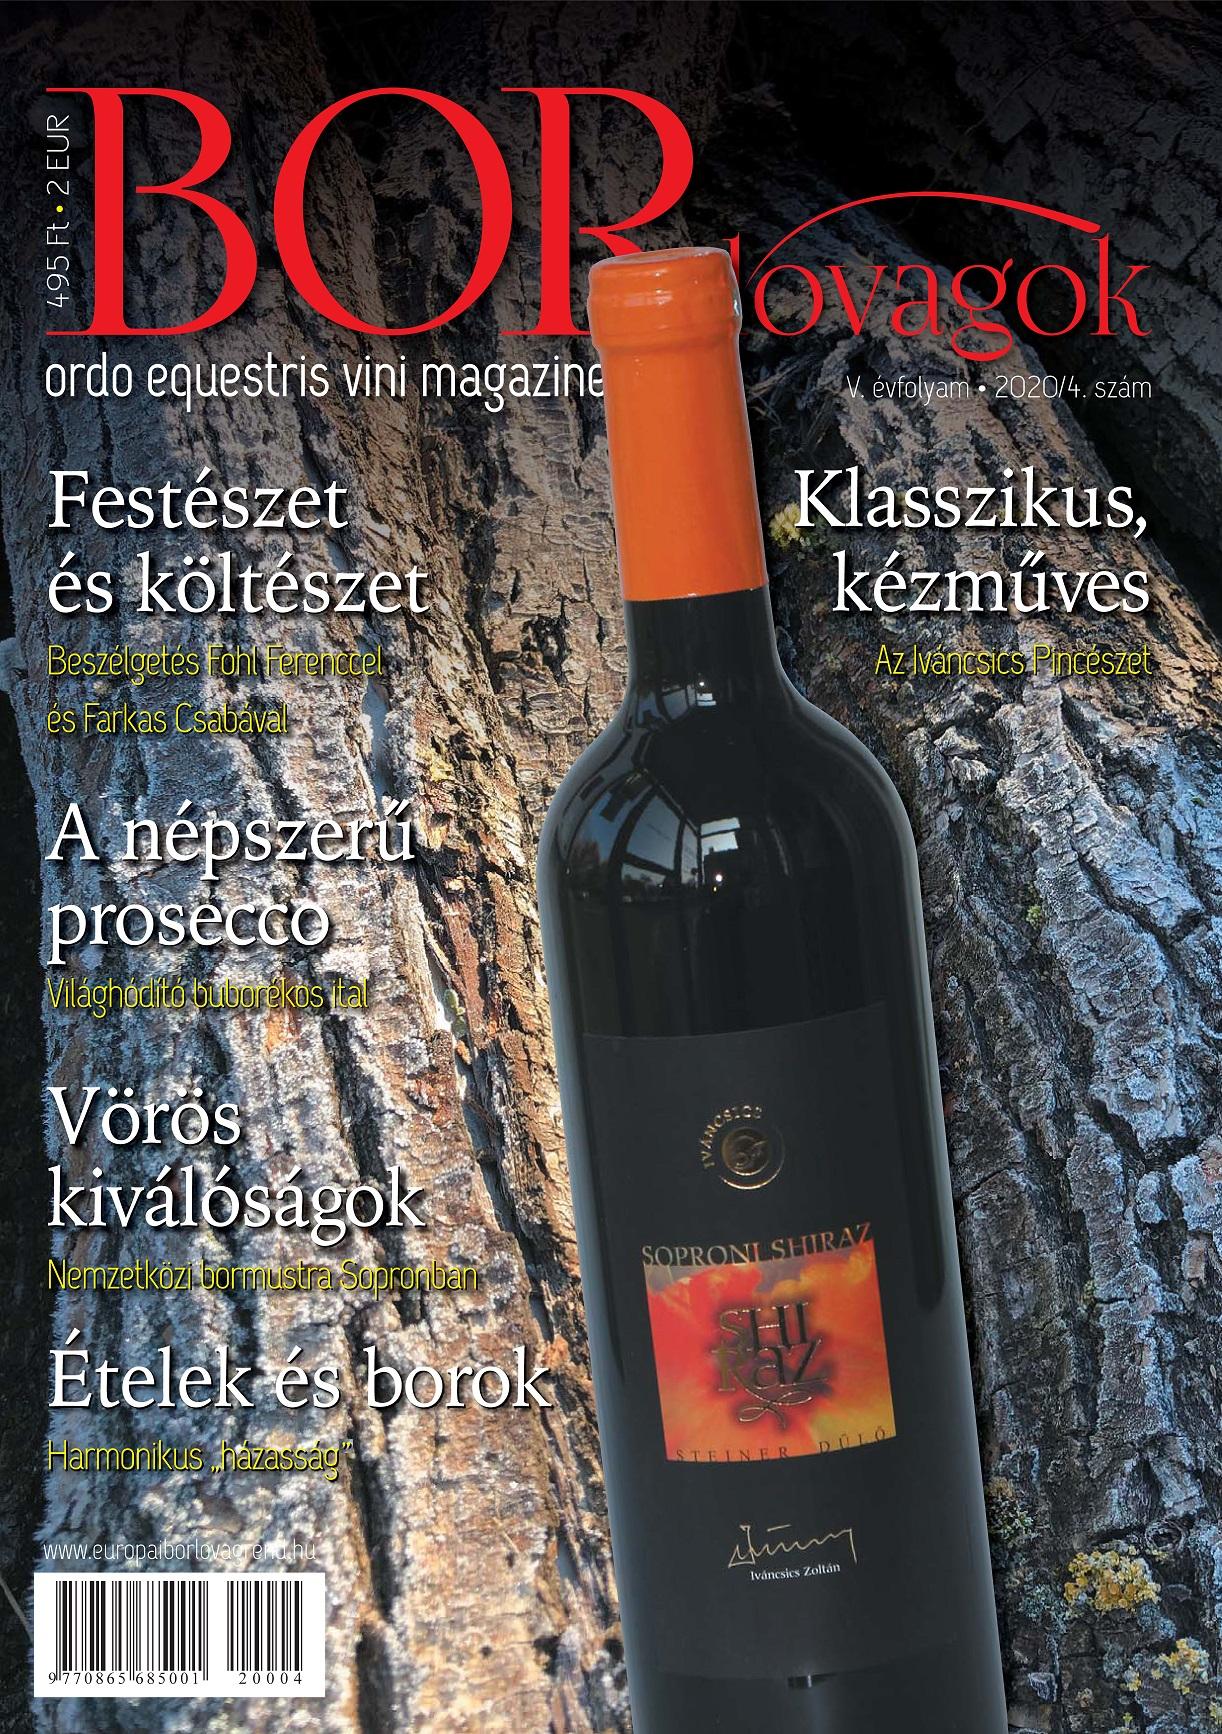 MEGJELENT A BORLOVAGOK Magazin 2020/4